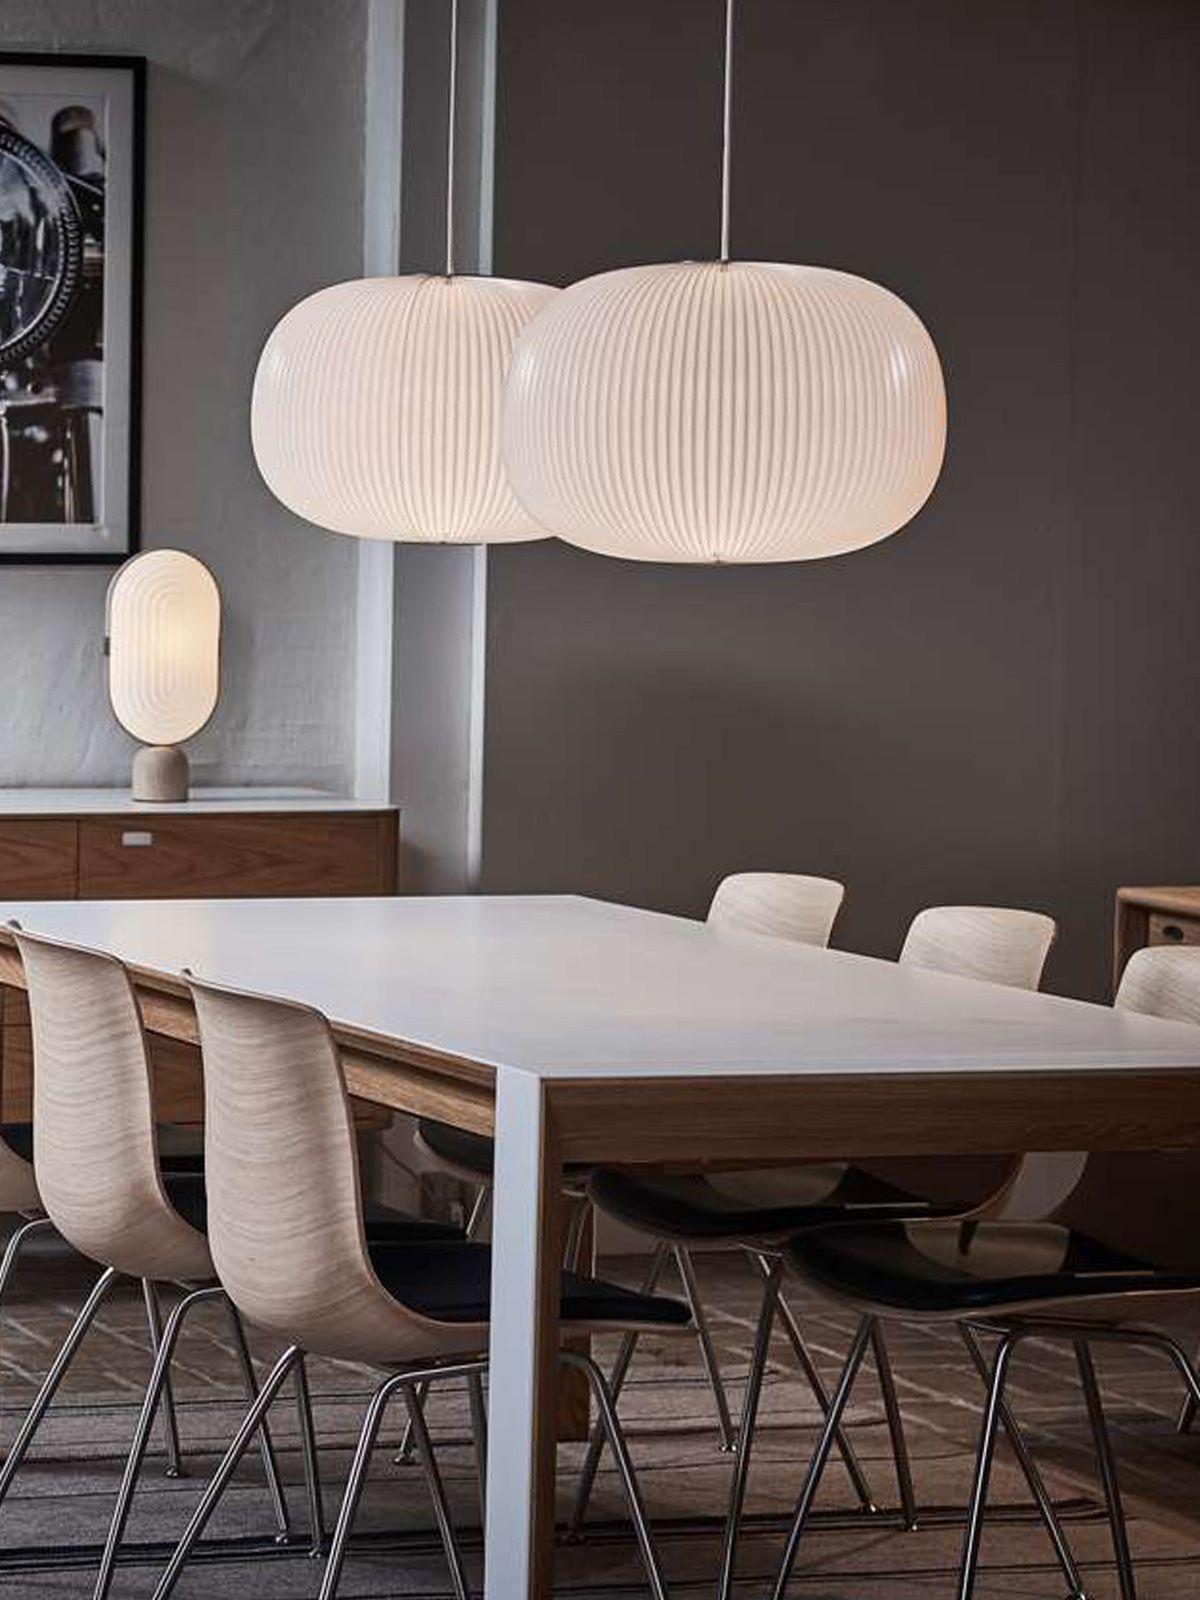 Lamella 1 Designort Com Haus Deko Design Lampe Weiß